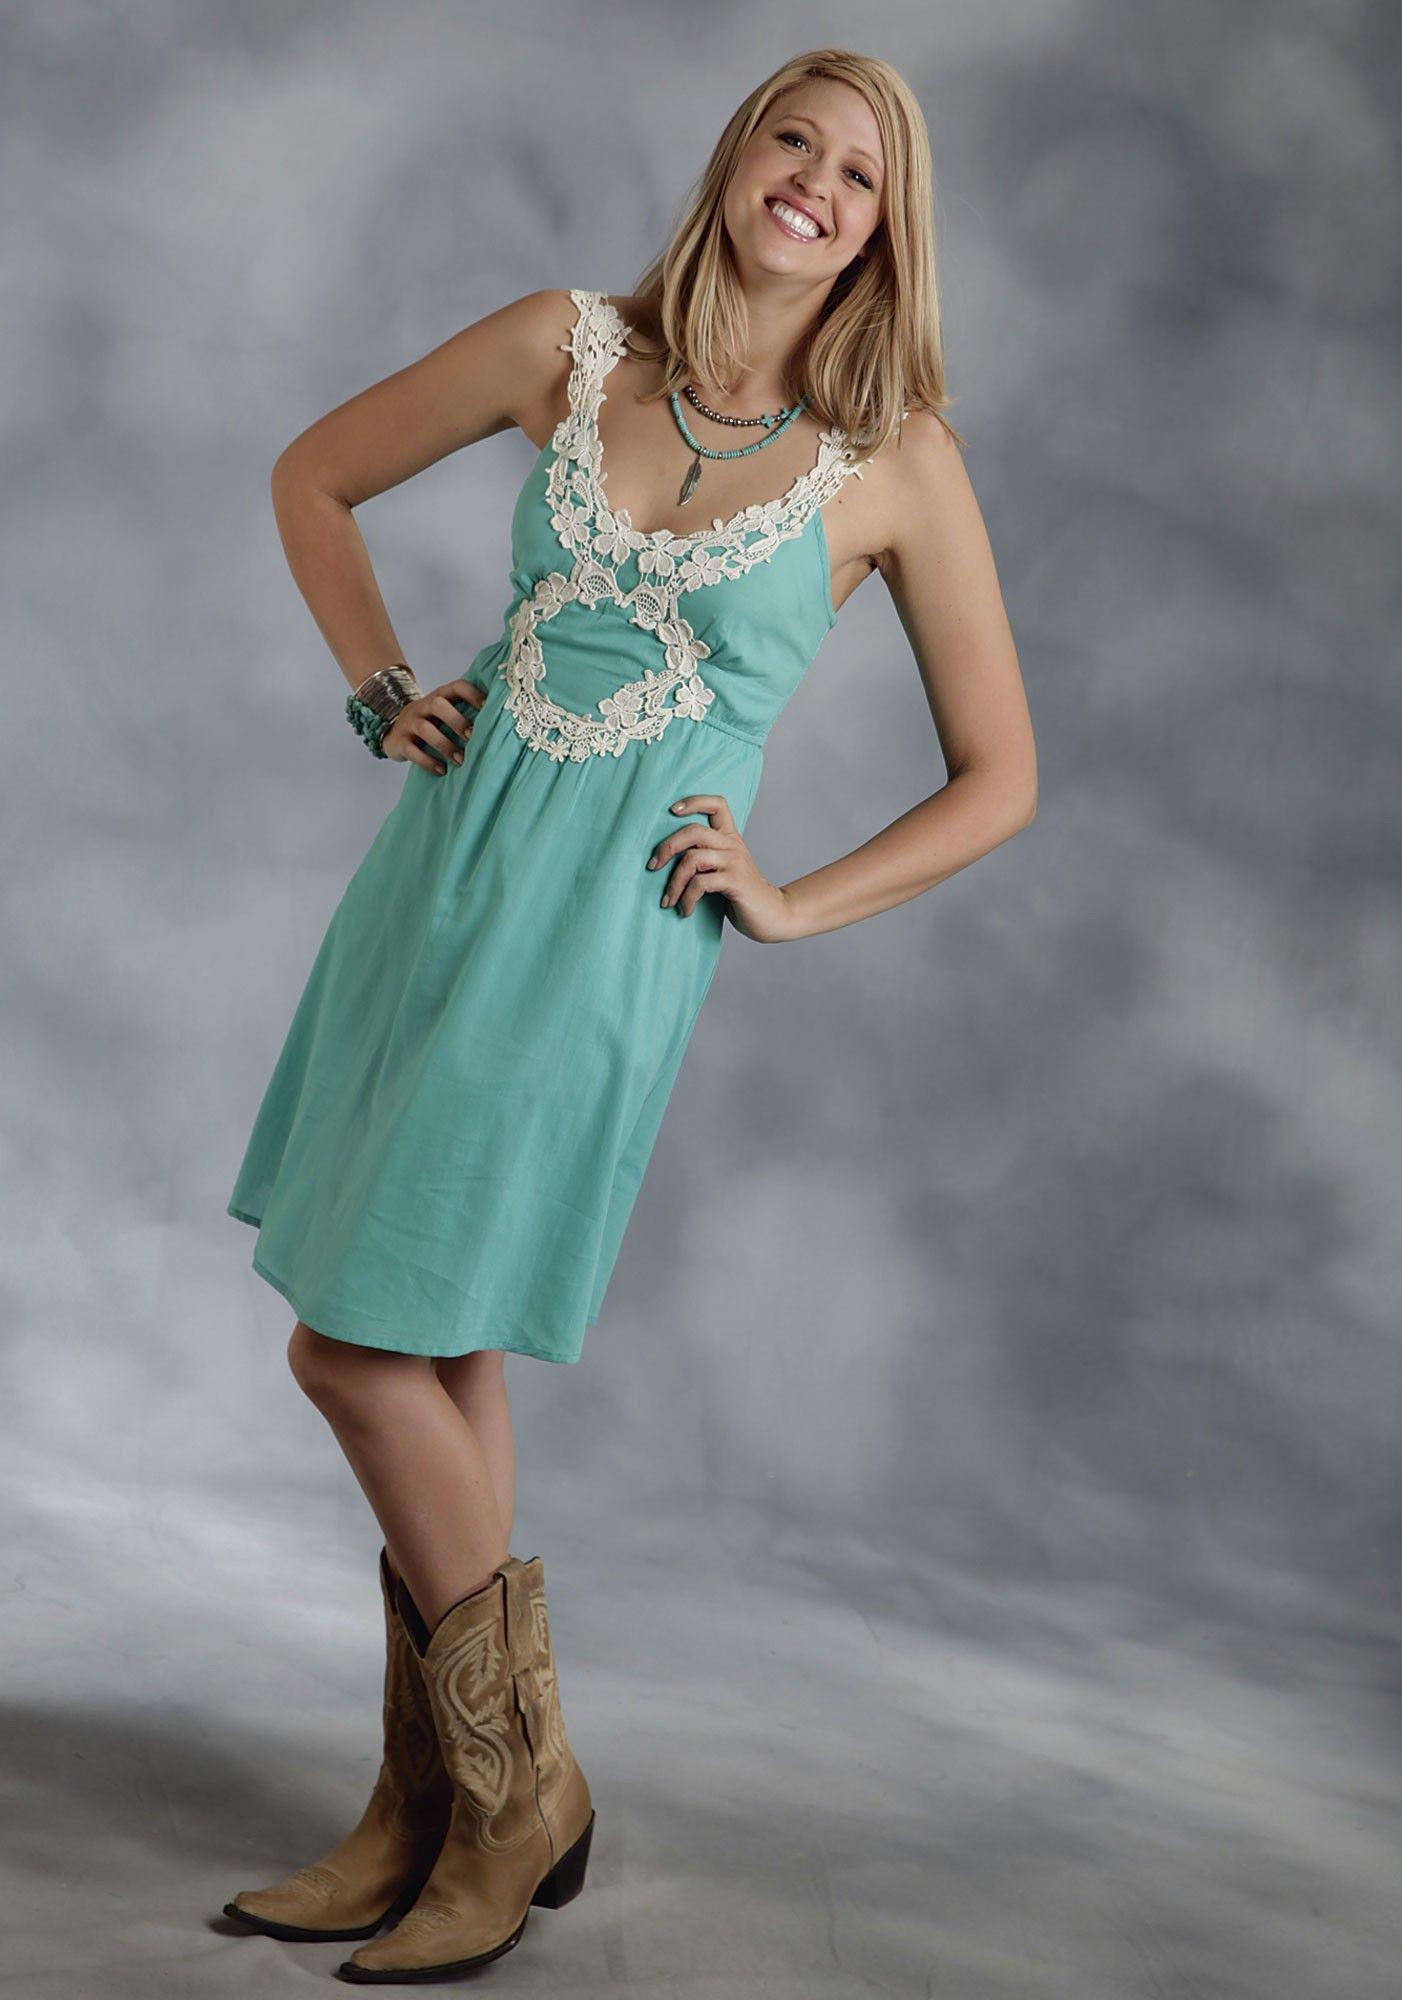 Roper® Turquoise Cotton Lace Applique Western Sun Dress   Beauty ...